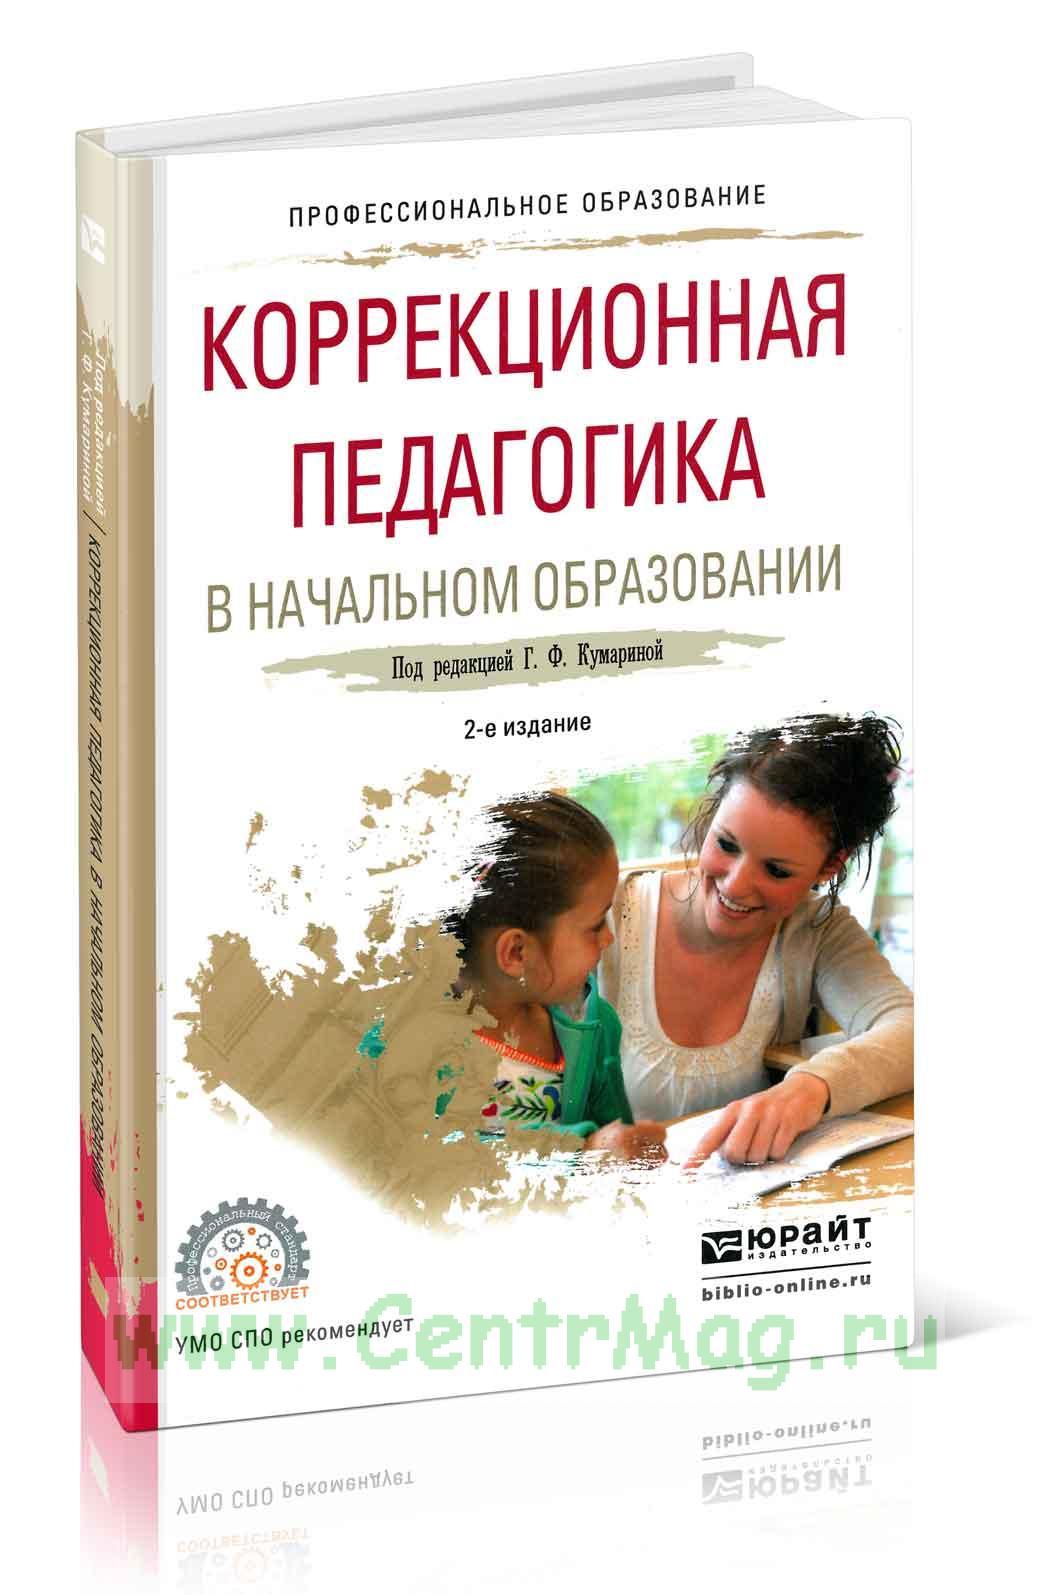 Коррекционная педагогика  в начальном образовании: учебное пособие (2-е издание, исправленное и дополненное)